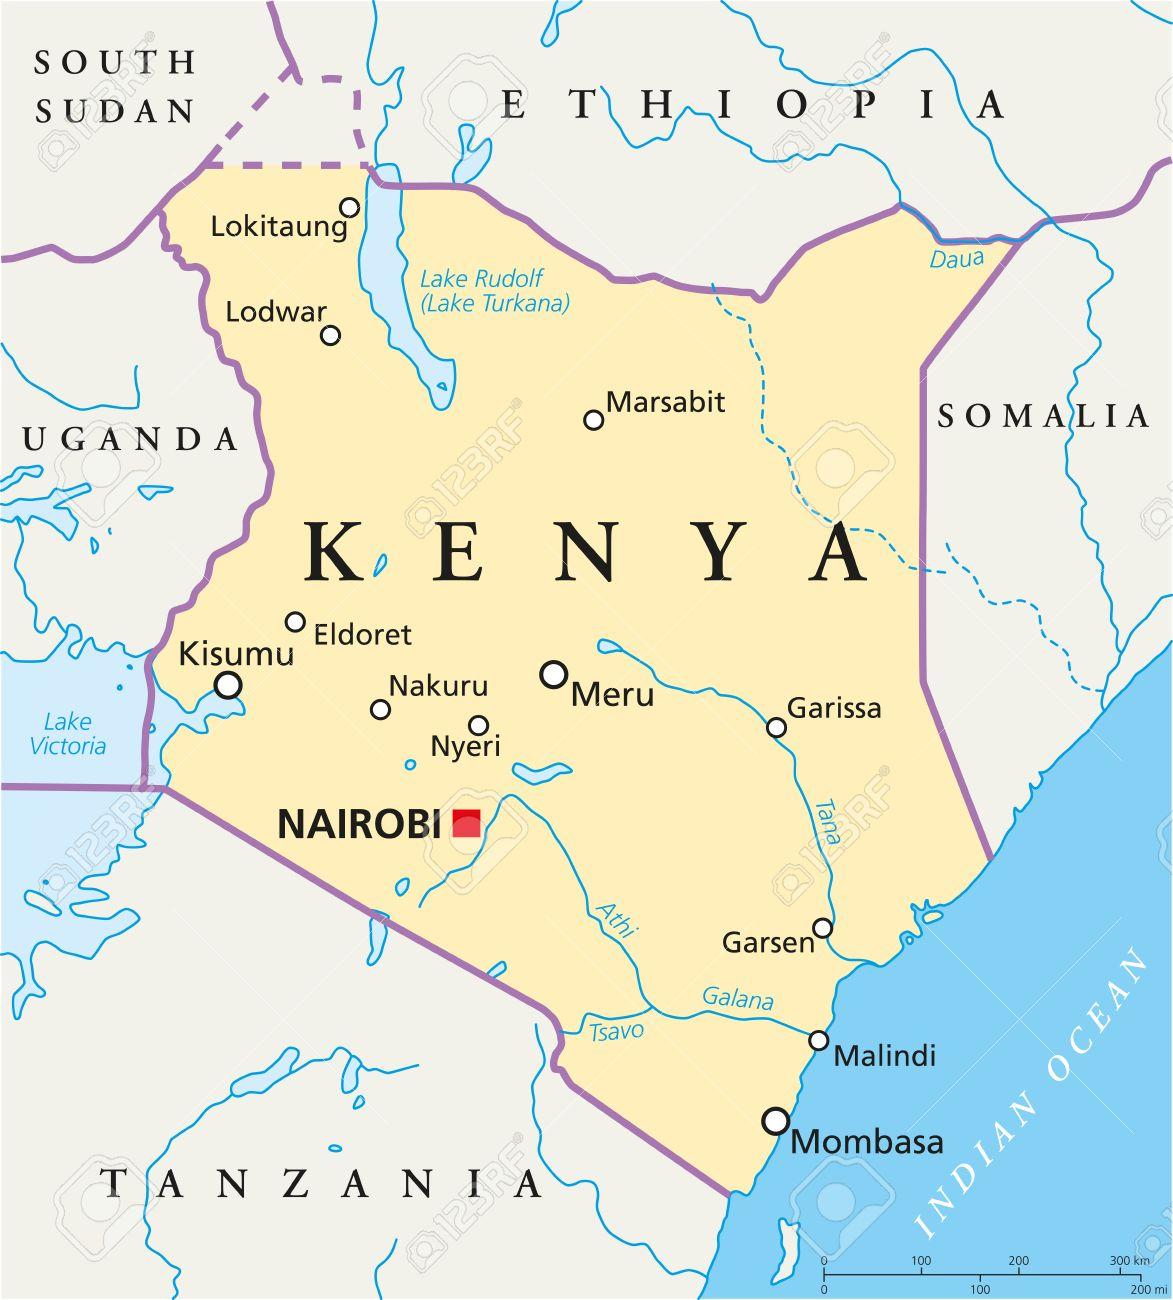 Kenya Political Map With Capital Nairobi National Borders Most - Kenya rivers map